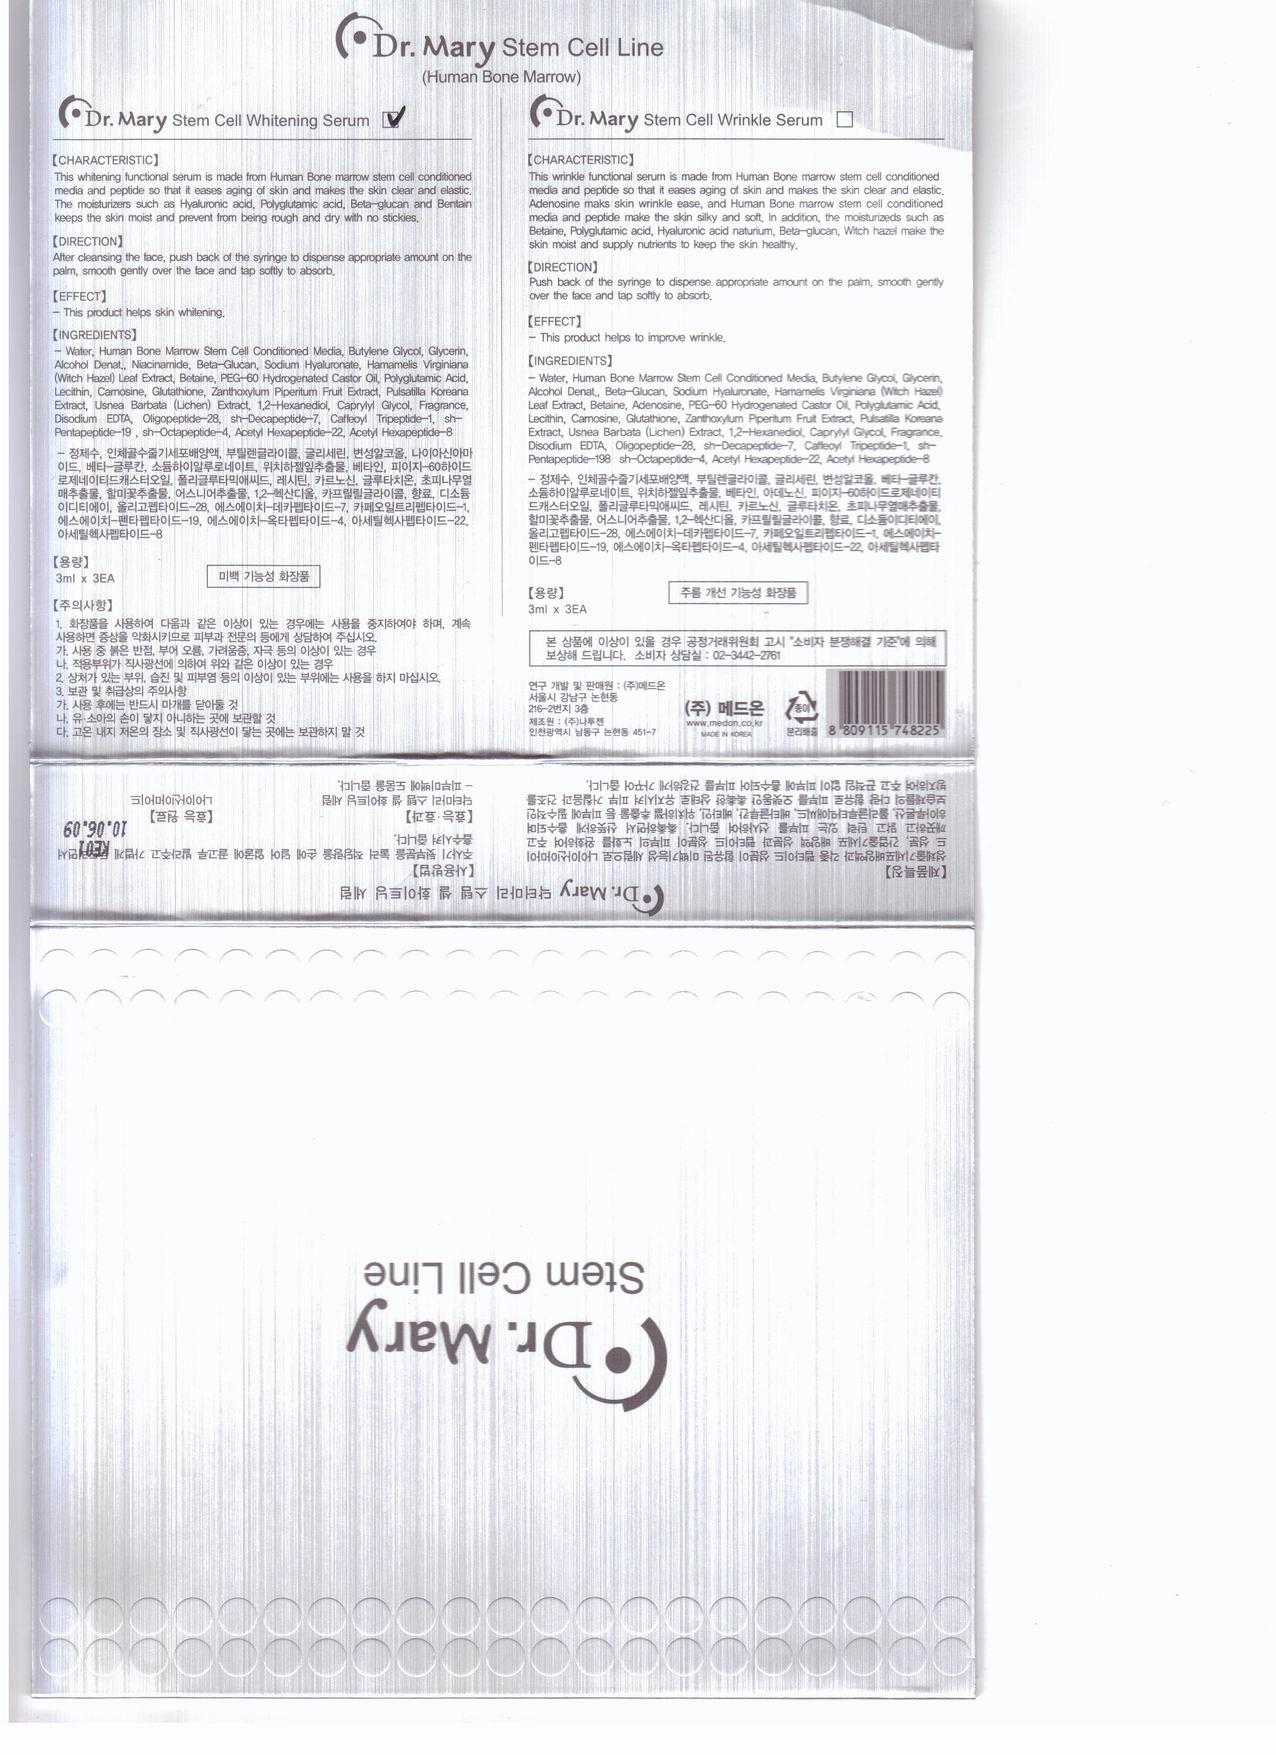 Stem Cell Whitening Serum (Niacinamide) Liquid [Medon Co., Ltd]